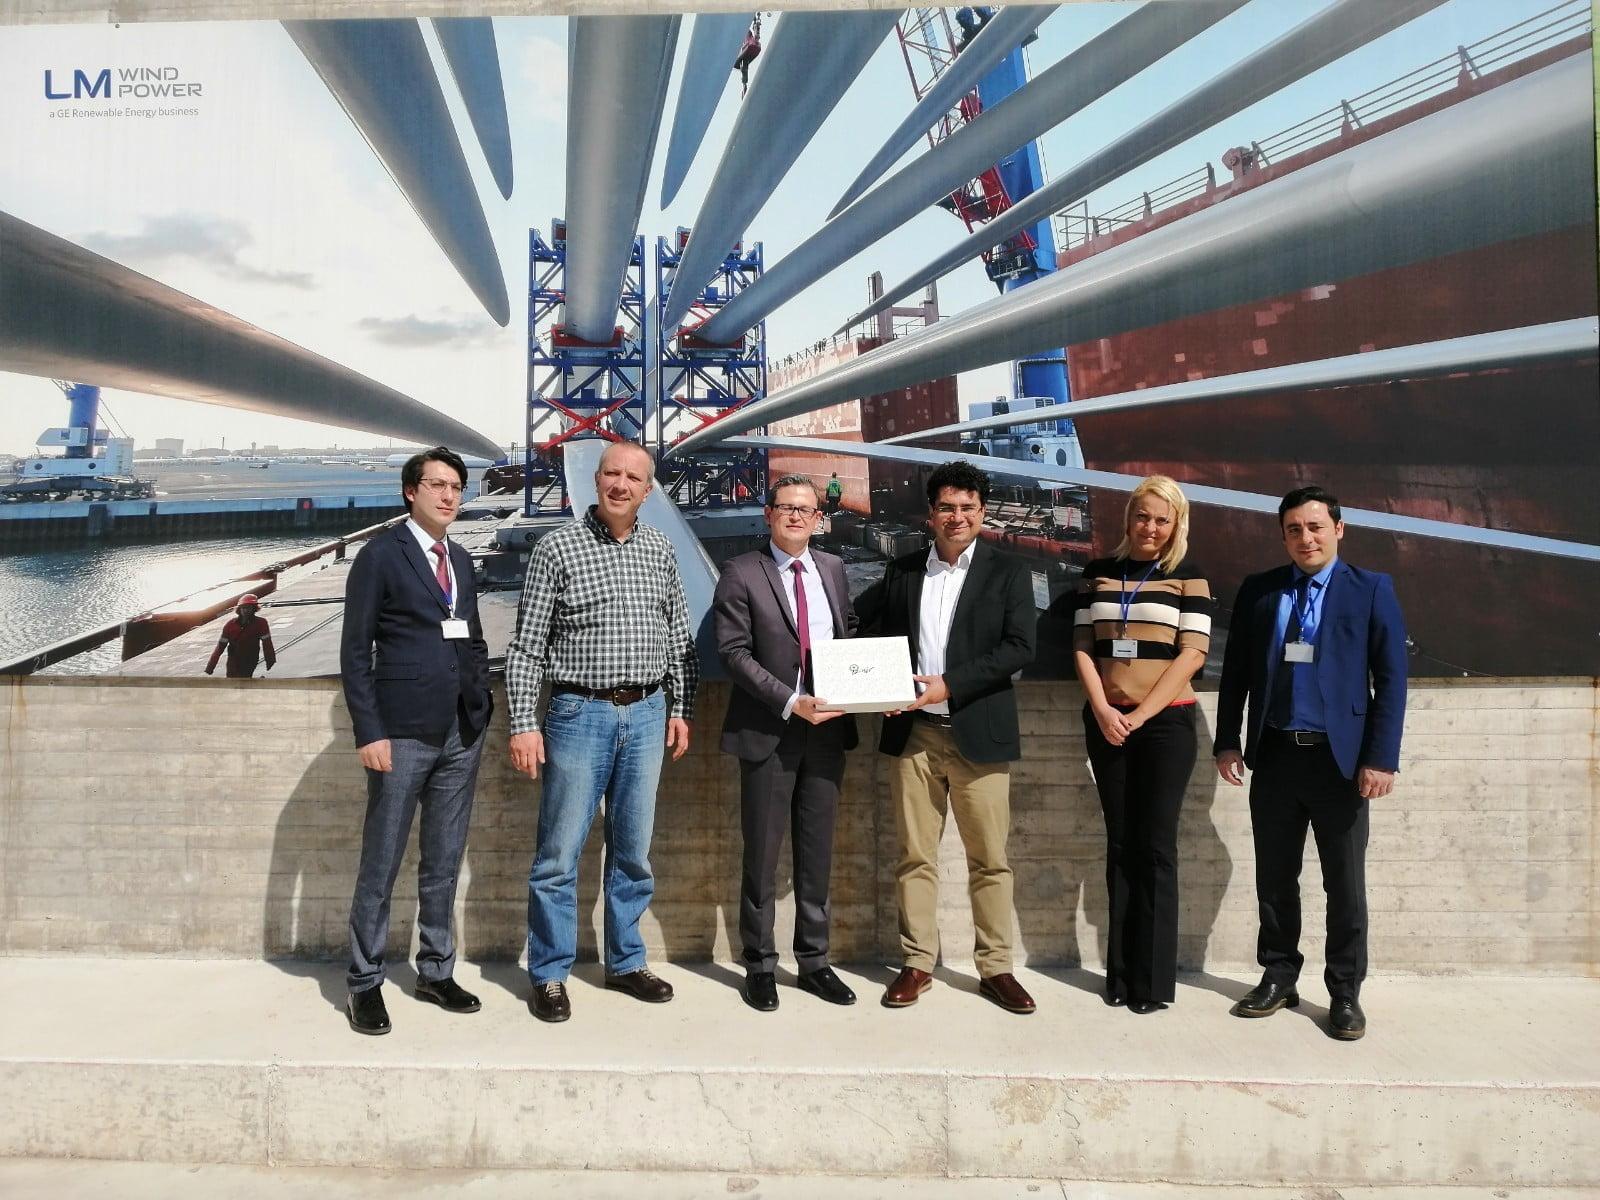 Rüzgar Türbini Kanat Üreticisi LM WIND POWER, İzmir'de Büyüyor.